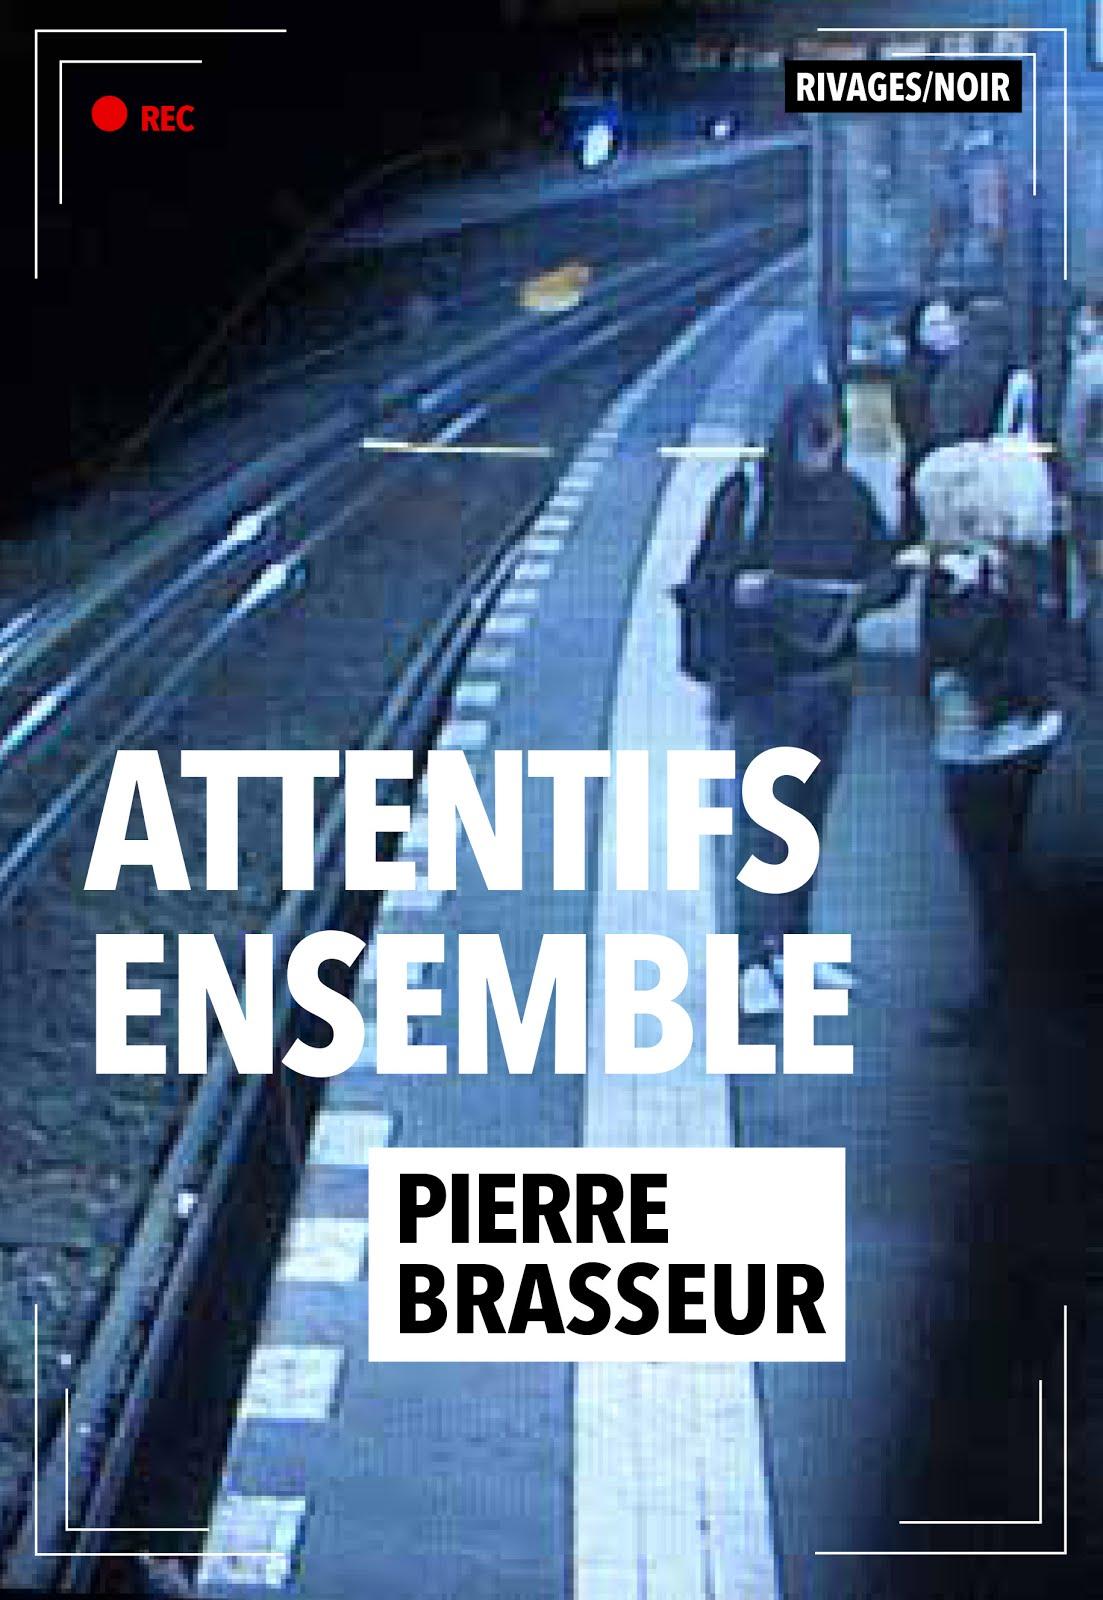 Le nouveau roman de Pierre Brasseur